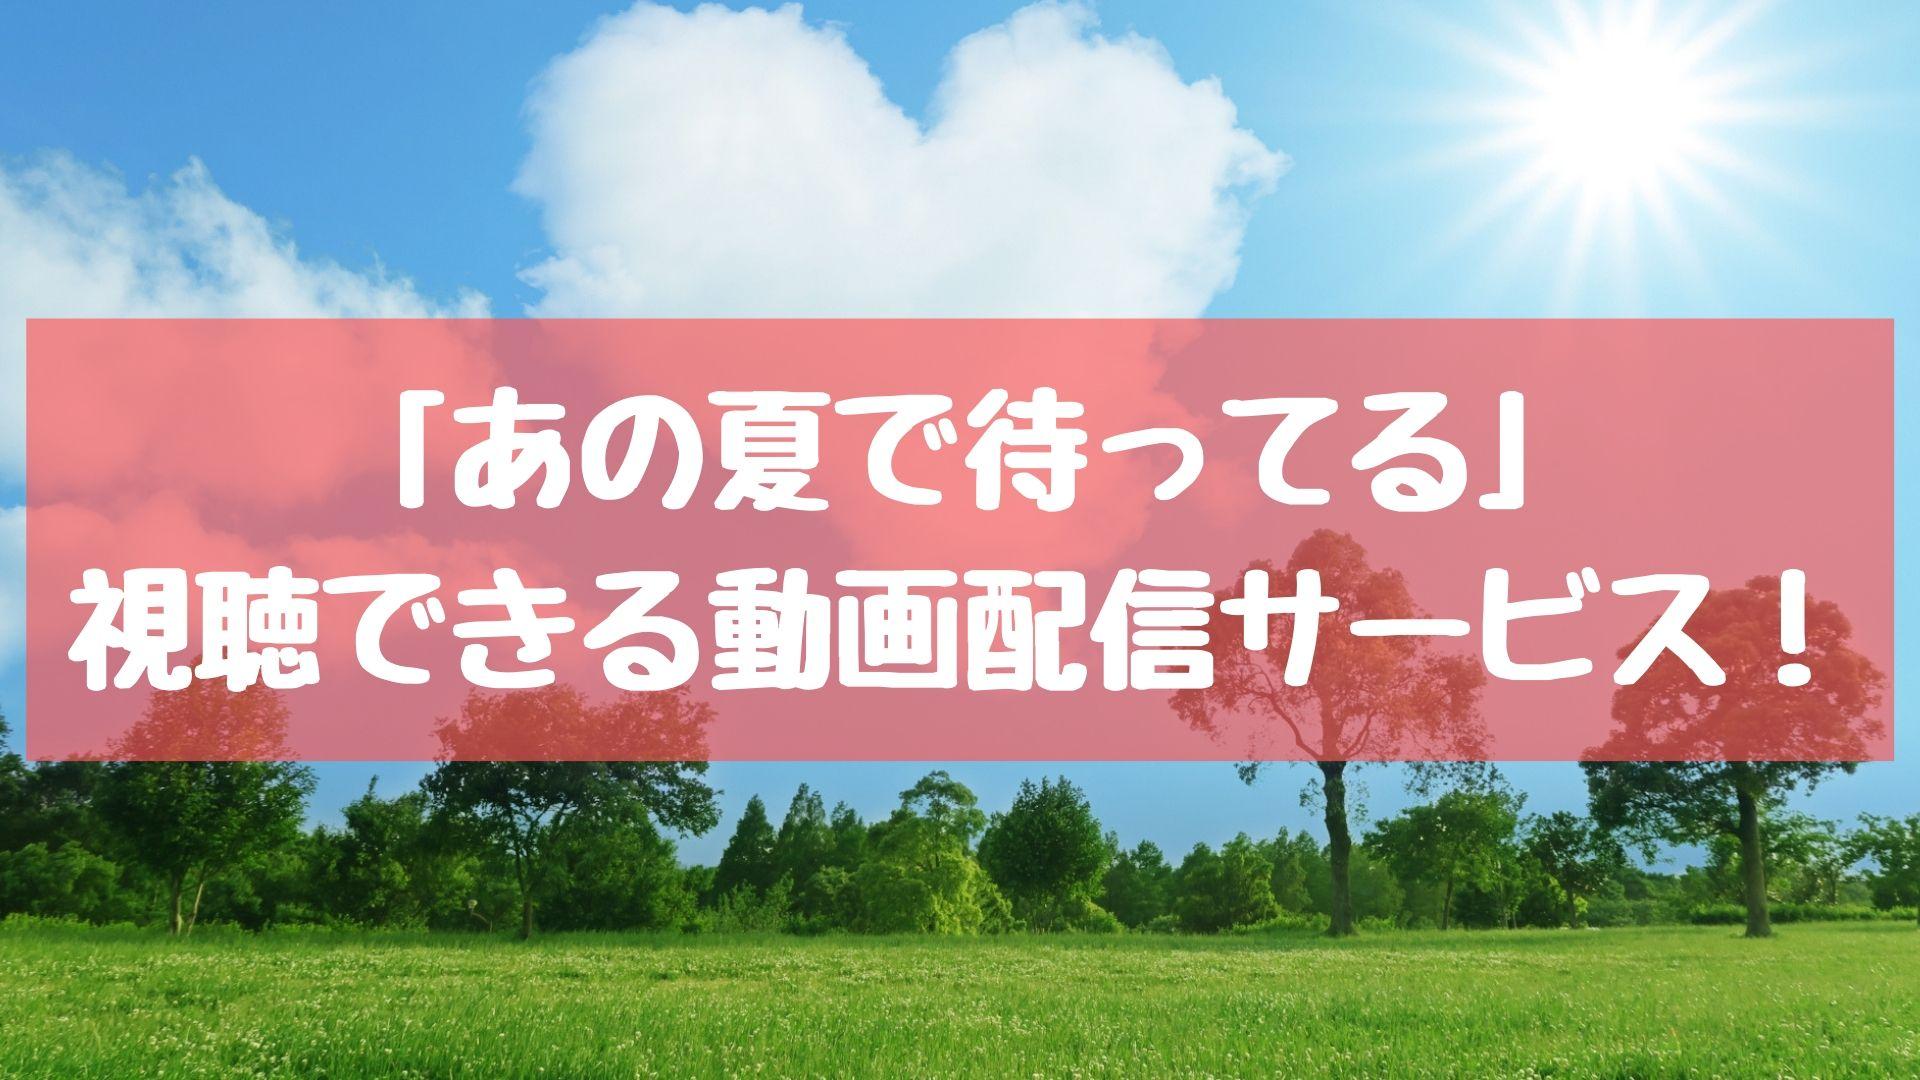 「あの夏で待ってる」の動画!全話高画質で視聴できる動画配信サービスまとめ!